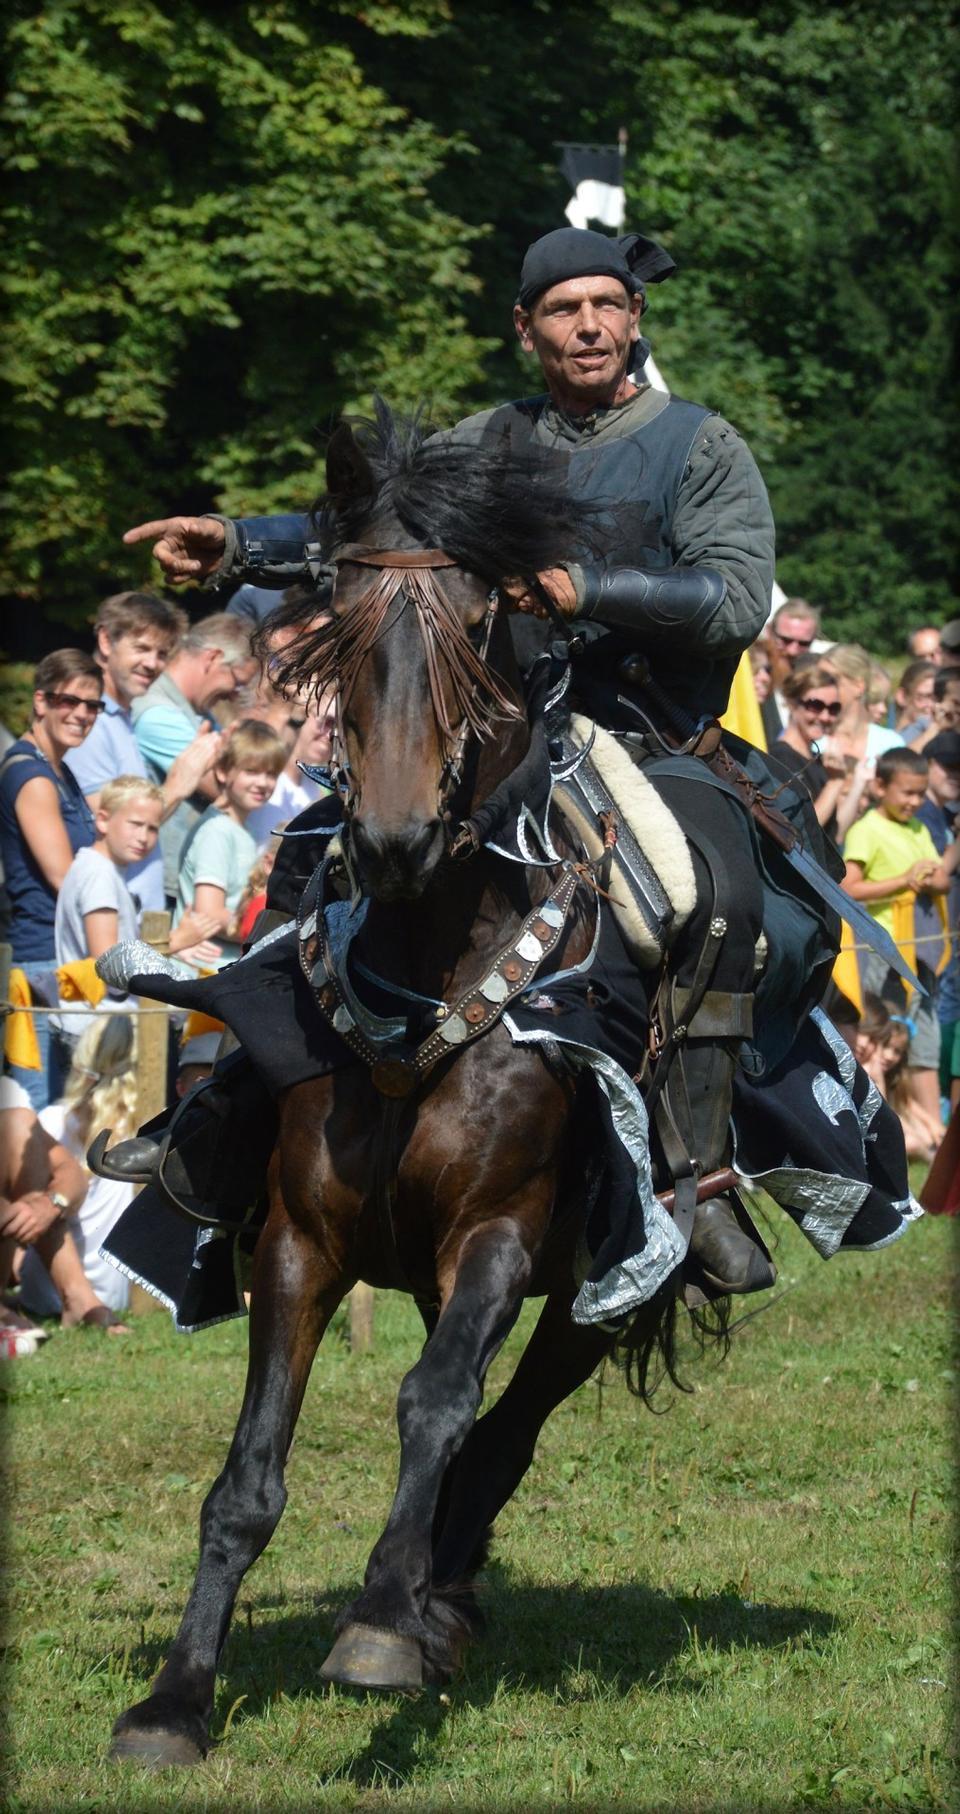 馬に乗って騎士